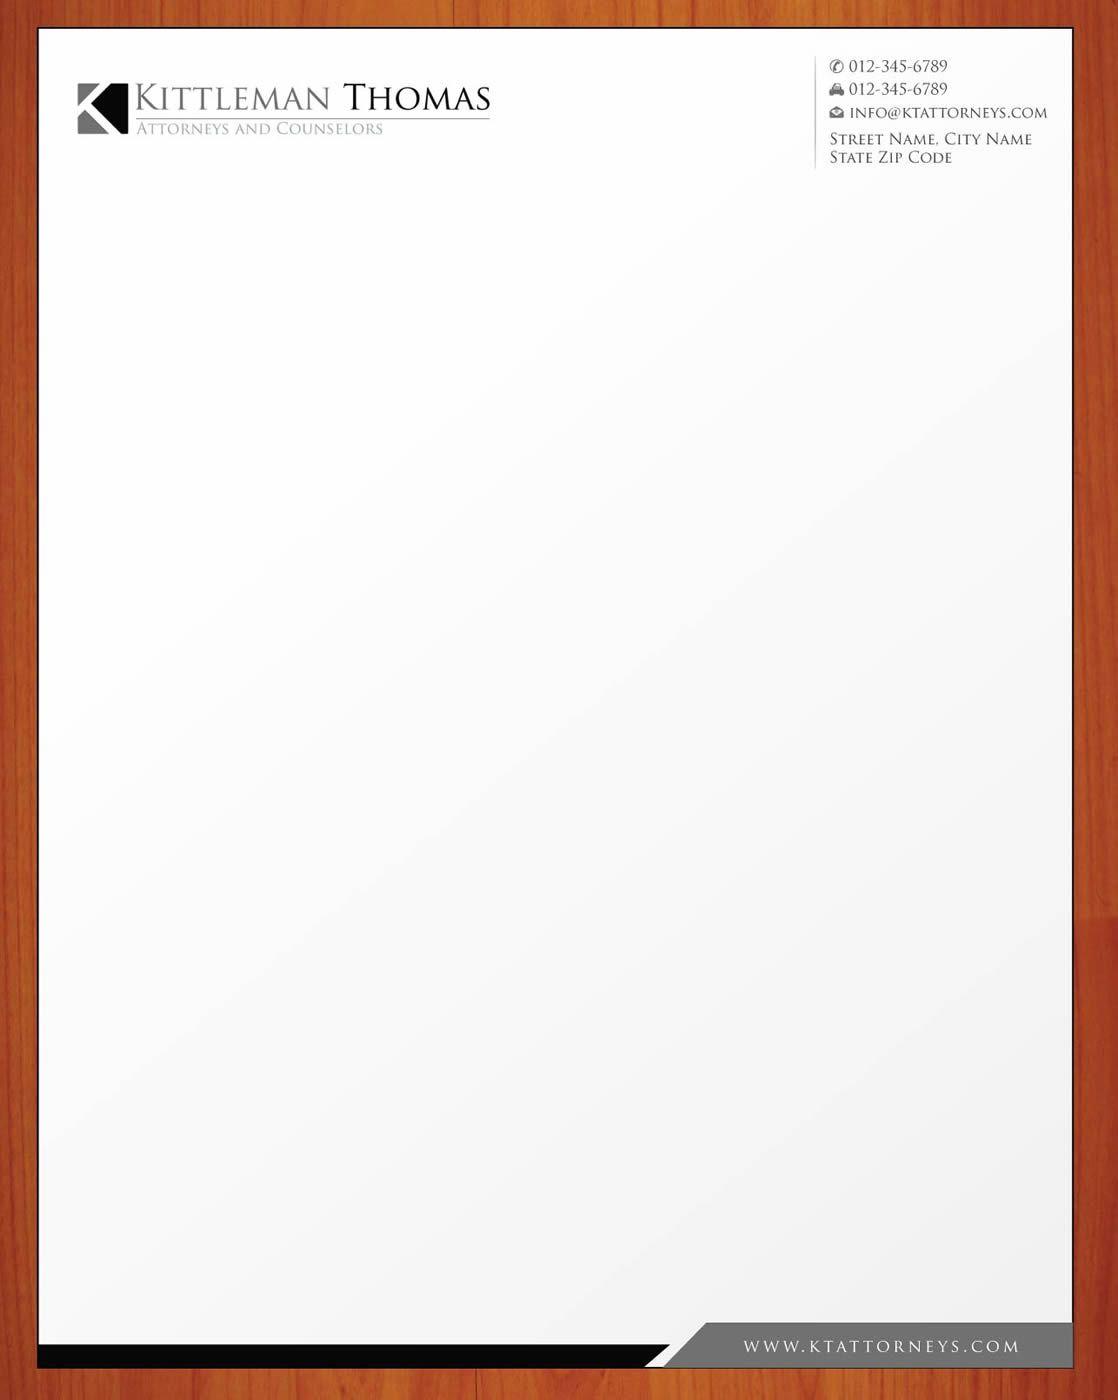 Legal Letterhead Design  Google Search  Graphic Design